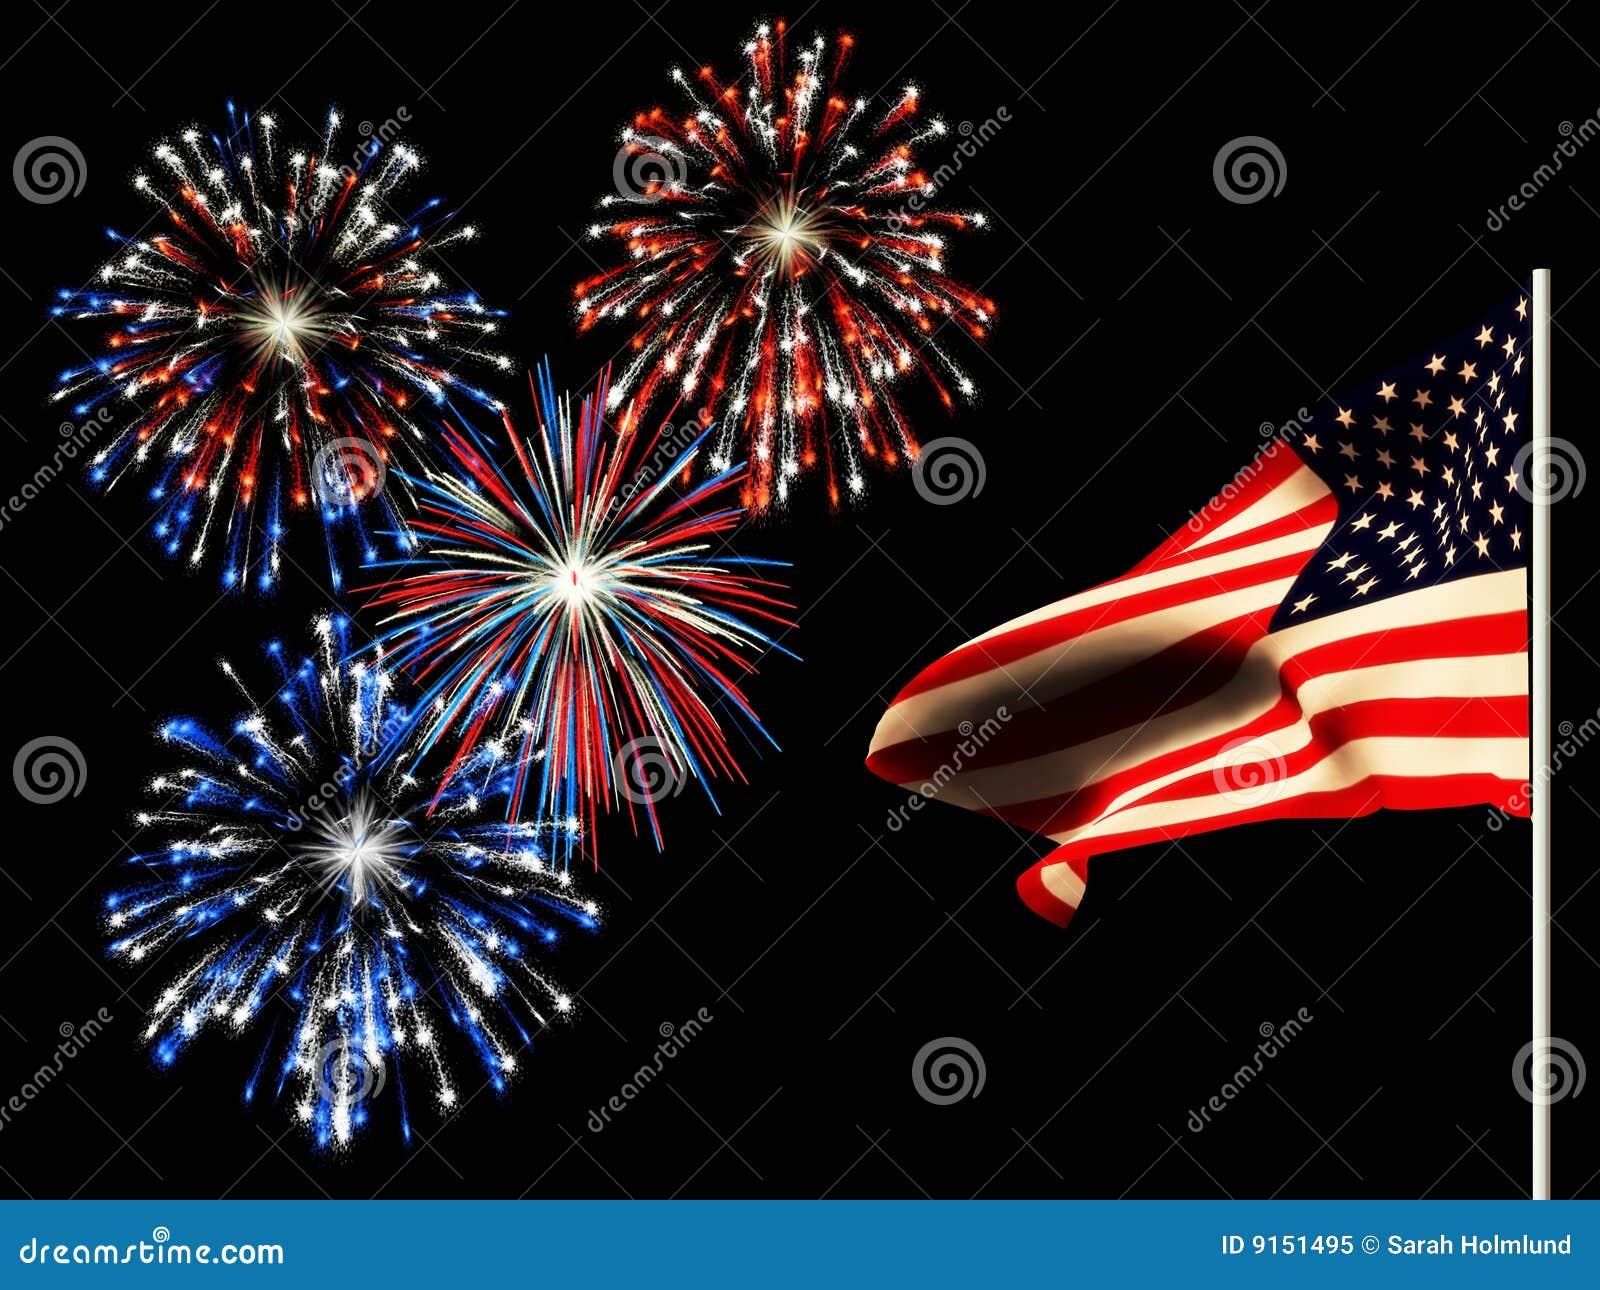 Unabhängigkeitstagfeuerwerke und die amerikanische Flagge.